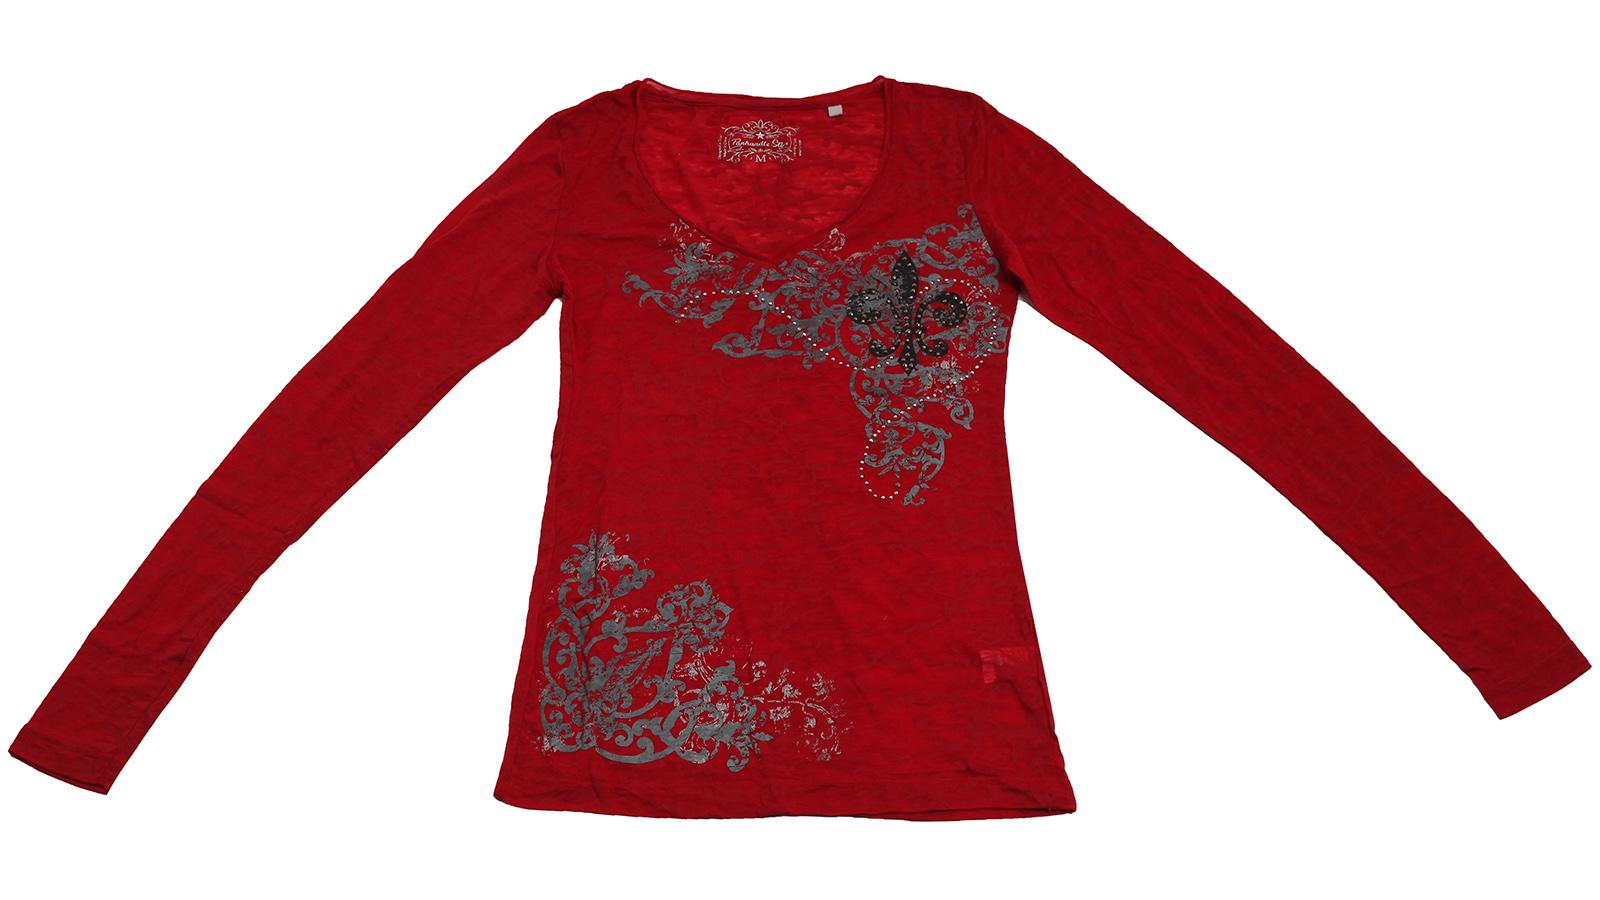 Красная кофточка от Panhandle Slim. Комфортная модель с контрастным принтом